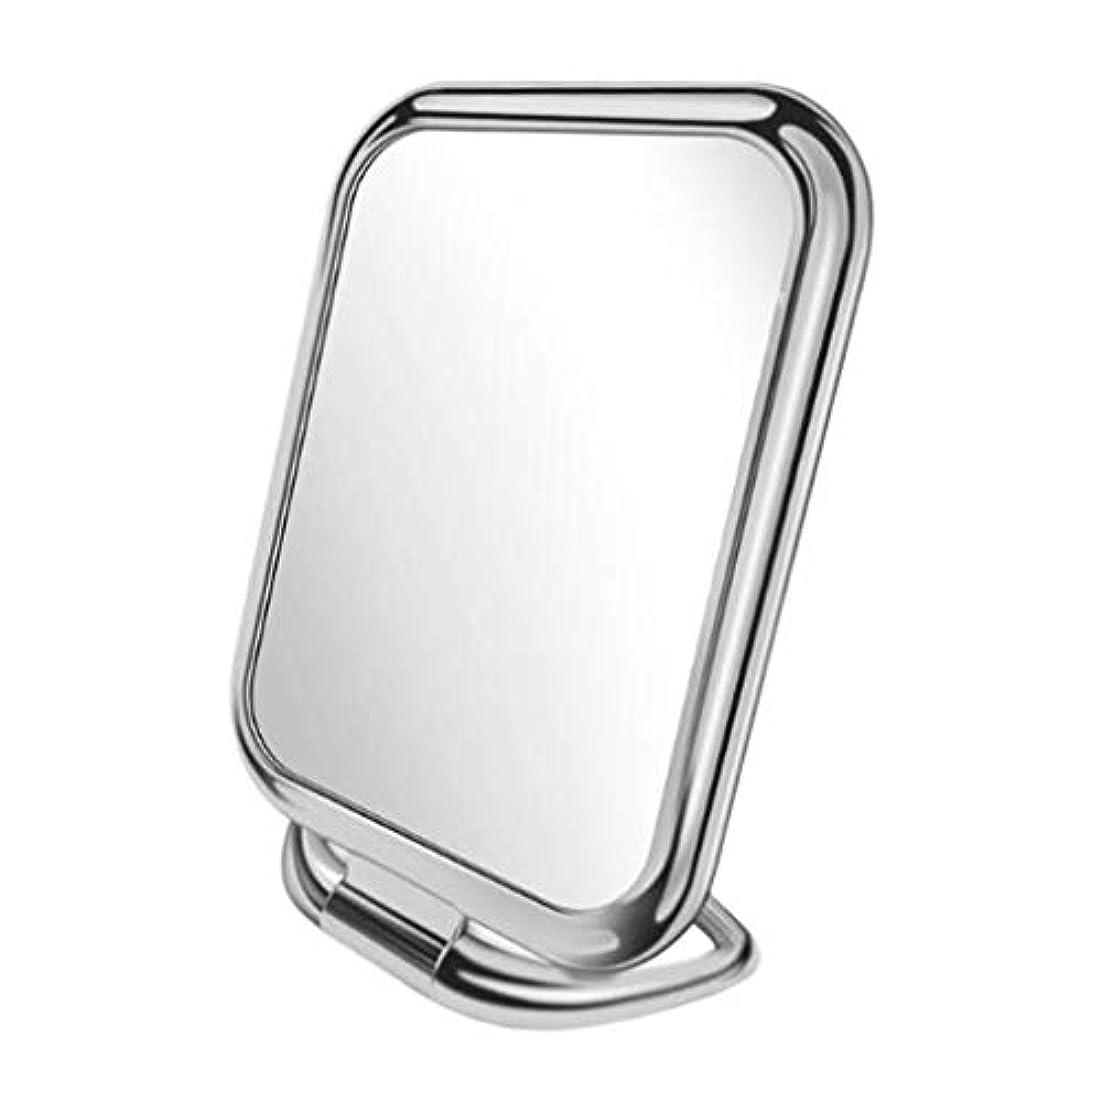 黒人カストディアン白鳥化粧鏡 化粧ミラー 鏡 両面鏡 卓上 女優 拡大鏡 3倍 折りたたみ 角度調整可能 収納便利 全9種類 - スライバースクエア